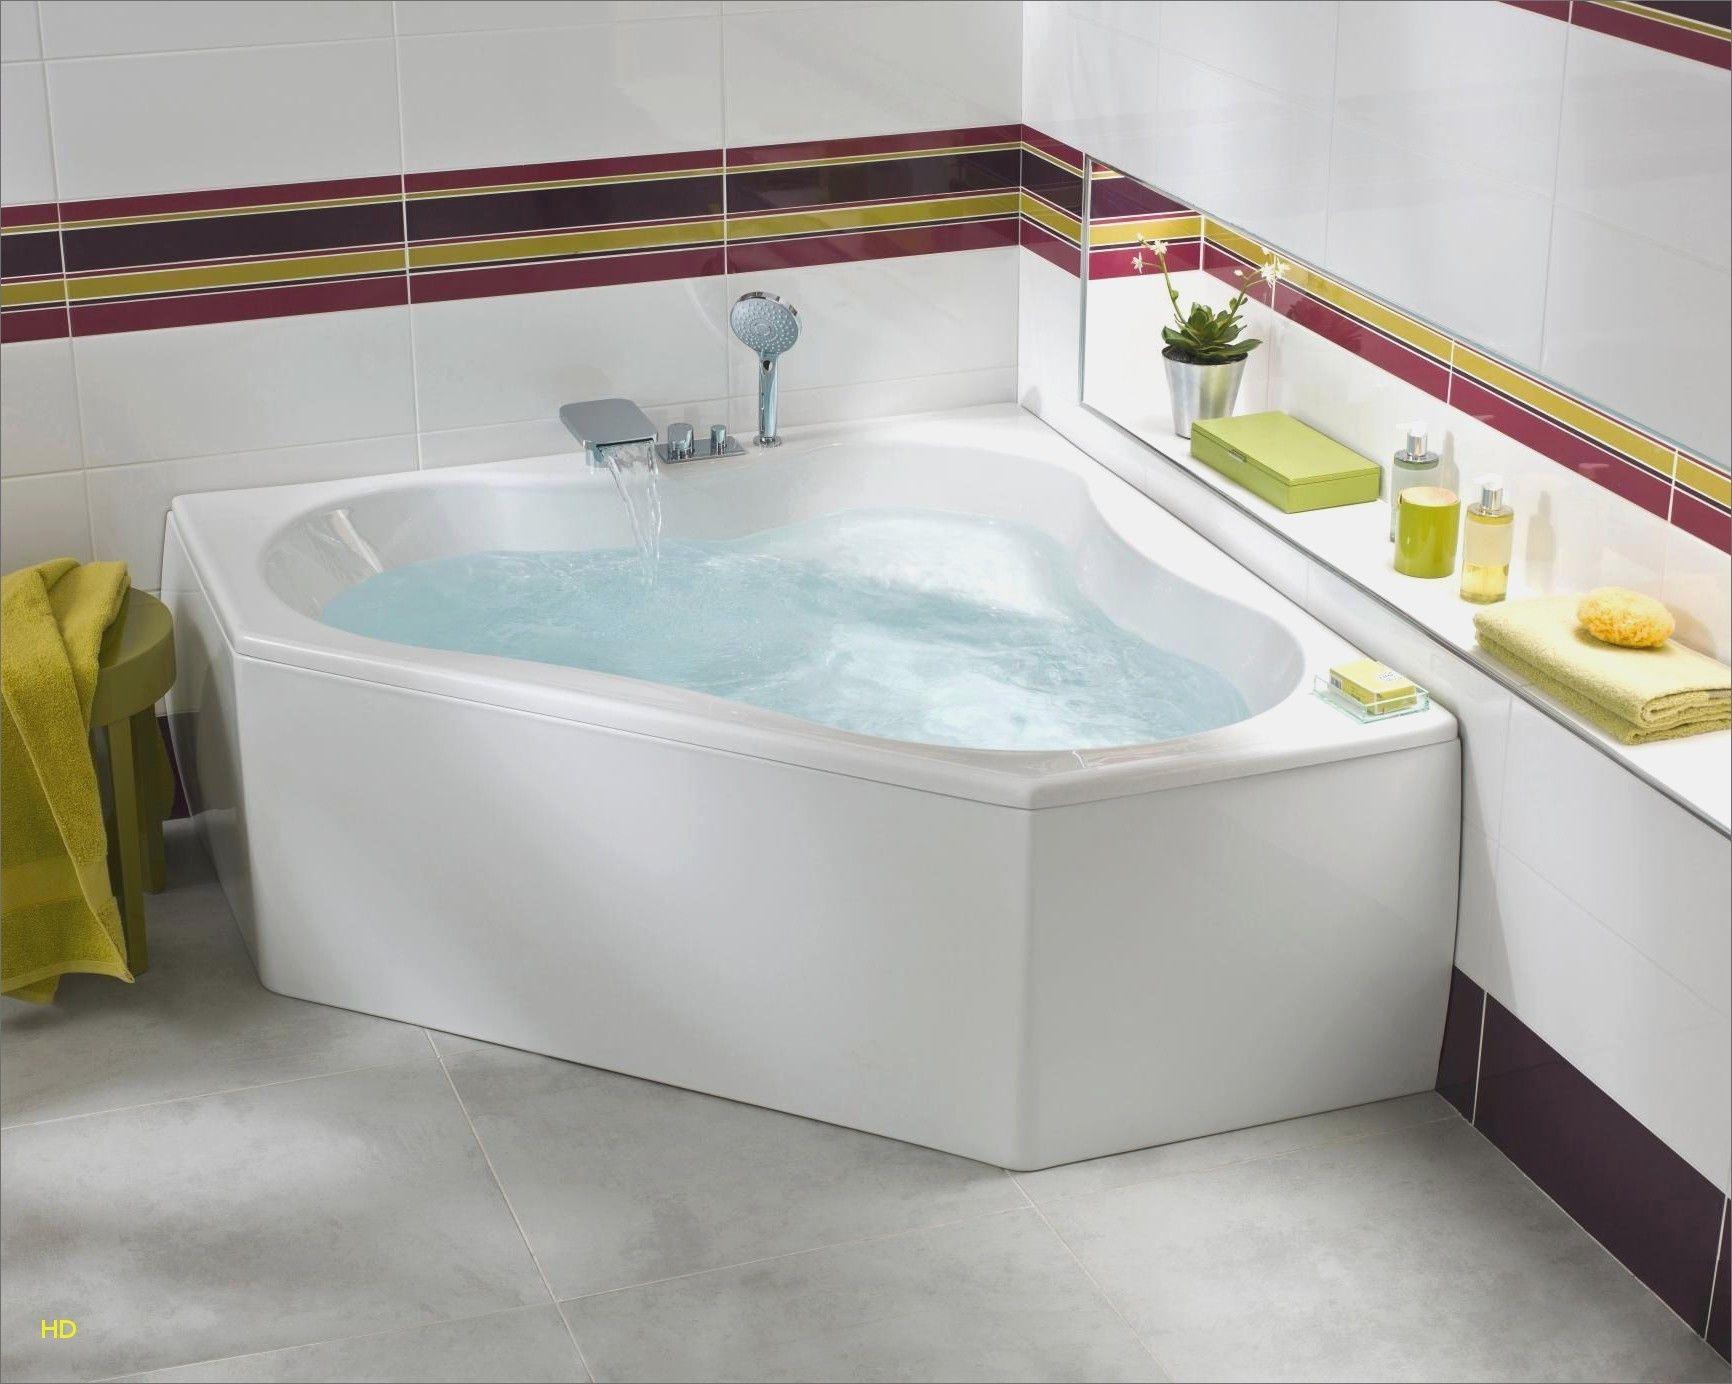 Tablier De Baignoire Universel Tablier De Baignoire Universel Aide Pour Montage Tablier Baignoire 15 Messages Bien Vu C Est B Corner Bathtub Bathtub Bathroom